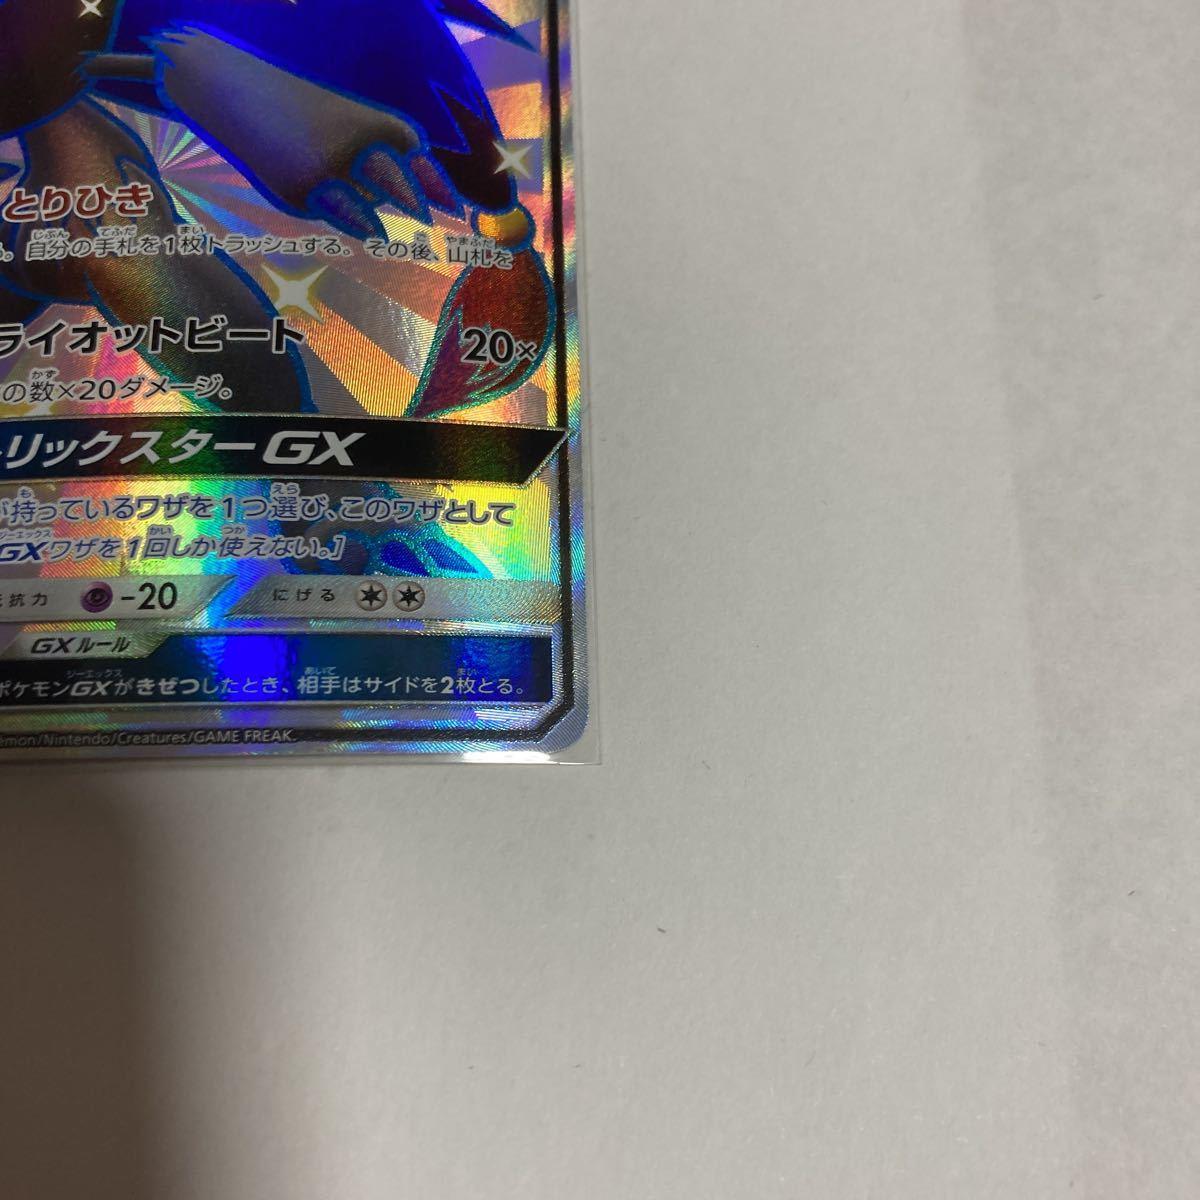 ゾロアークGX SSR 色違い ポケモンカードゲーム ポケカ GXウルトラシャイニー とりひき ライオットビート トリックスターGX sm8b 231/150_画像4